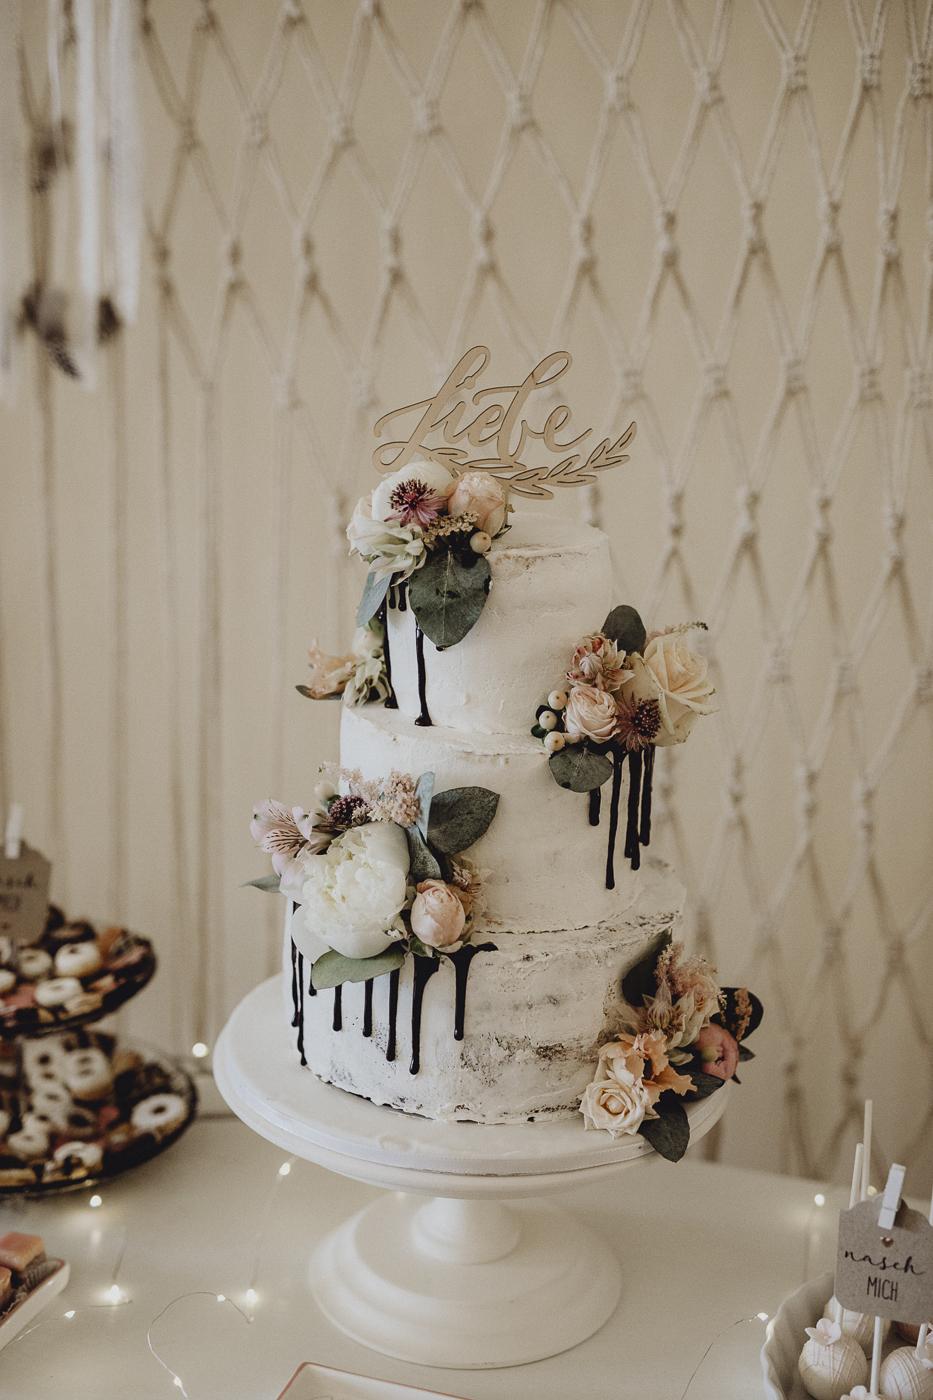 Cake Topper Hochzeit, Cake Topper Liebe, Hochzeitstorte Drip Cake, Cake Topper Drip Cake